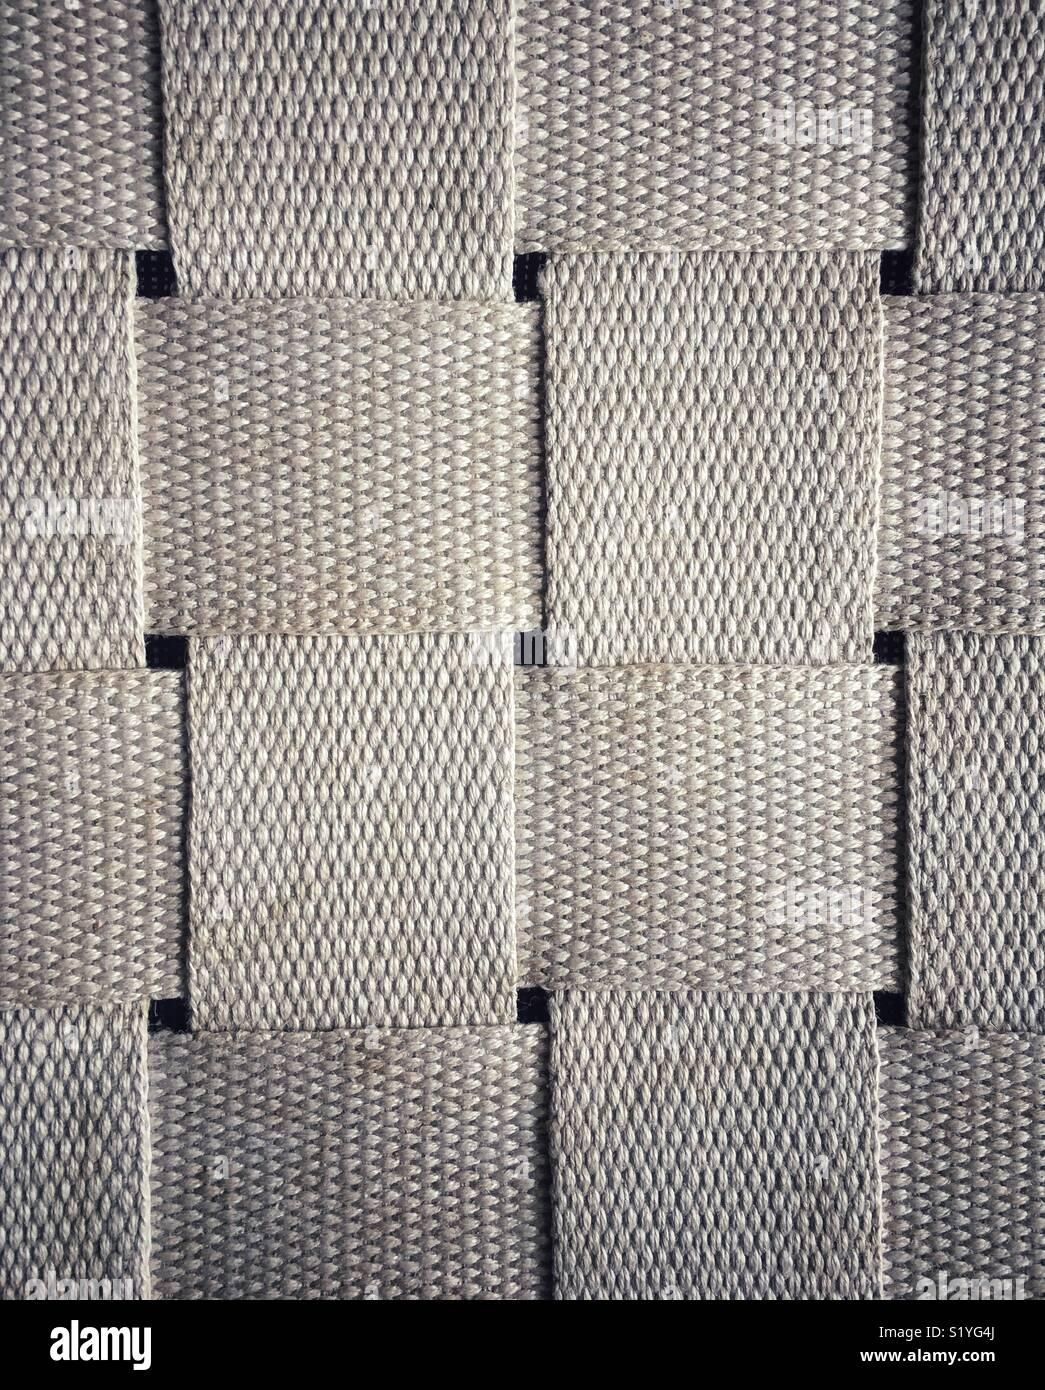 Patrón de tejido cuadrado entrelazado Imagen De Stock